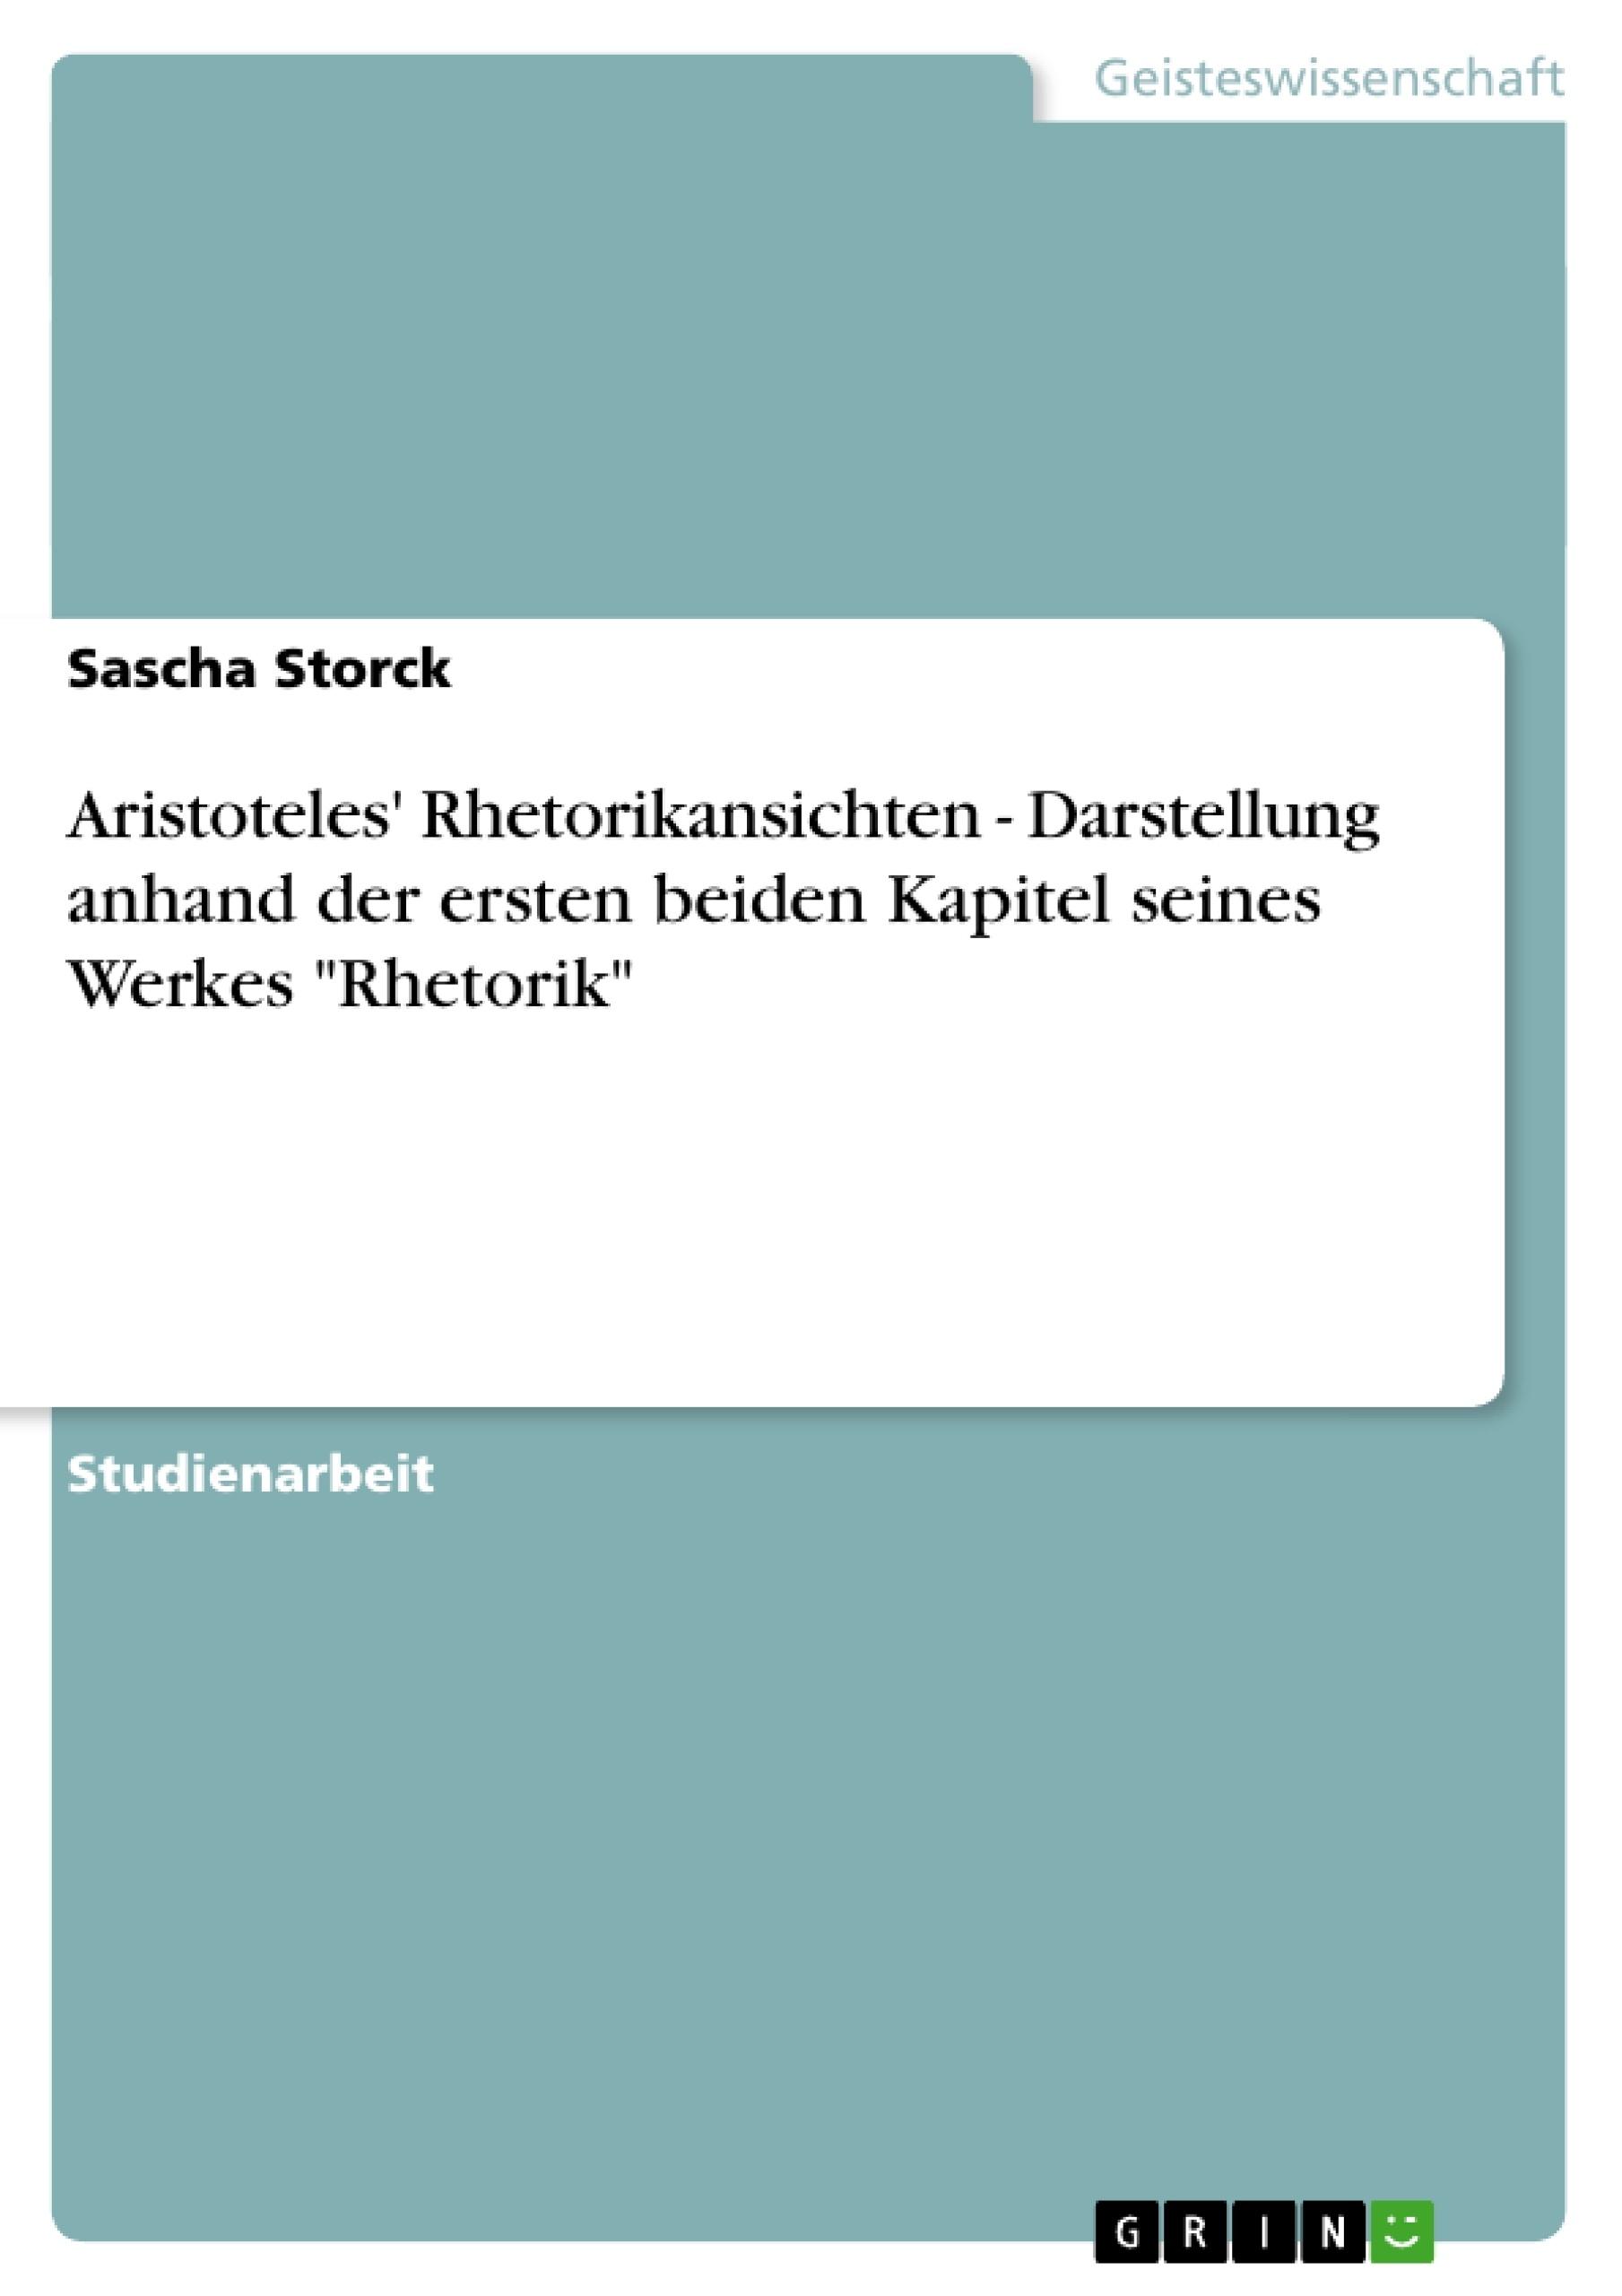 """Titel: Aristoteles' Rhetorikansichten - Darstellung anhand der ersten beiden Kapitel seines Werkes """"Rhetorik"""""""